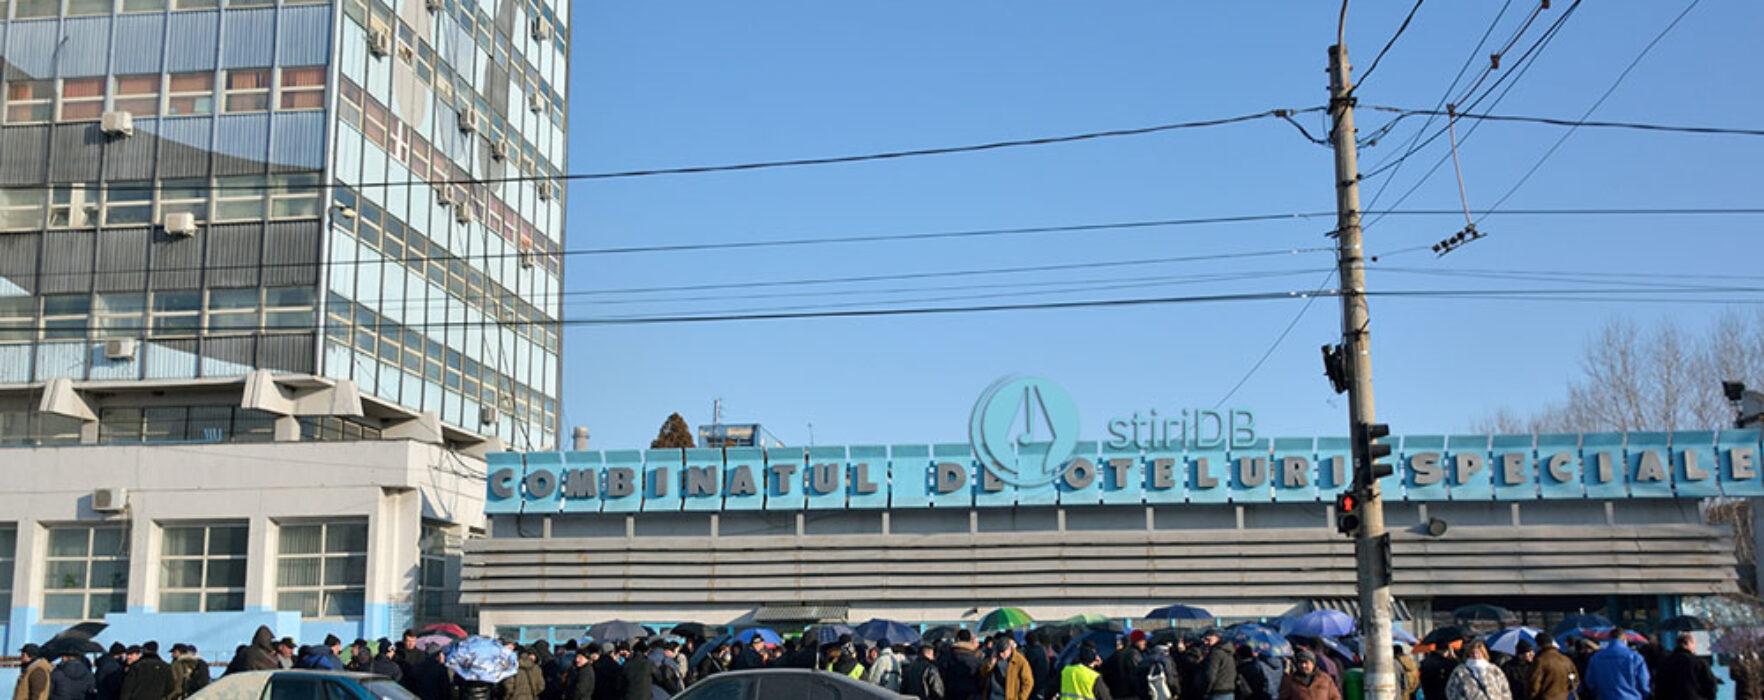 Cezar Preda (PNL): Combinatul de Oțeluri Speciale Târgoviște- șansa unui nou început